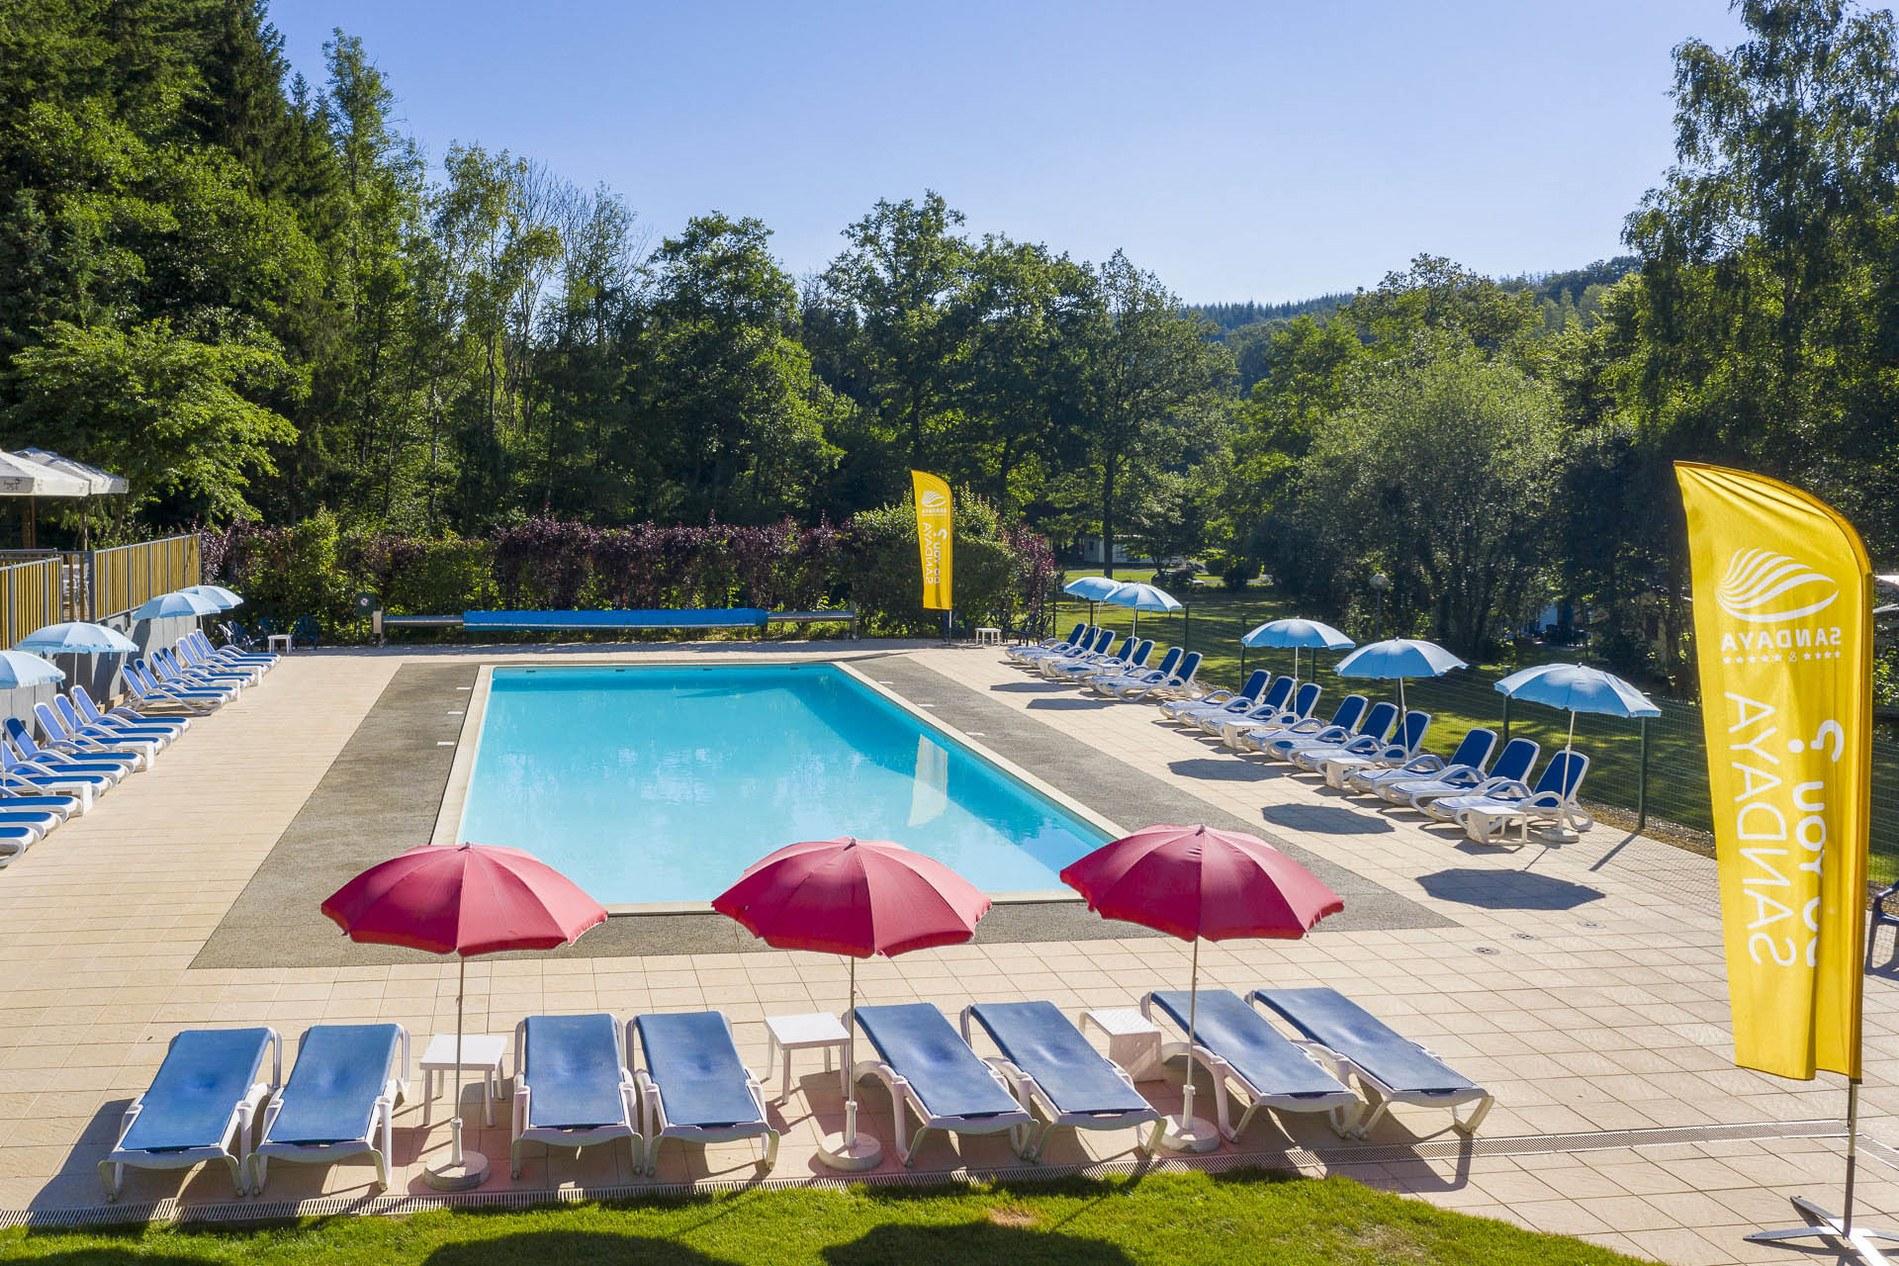 Belgie-BureTellin-Camping%20Sandaya%20Parc%20La%20Clusure-ExtraLarge Campings België